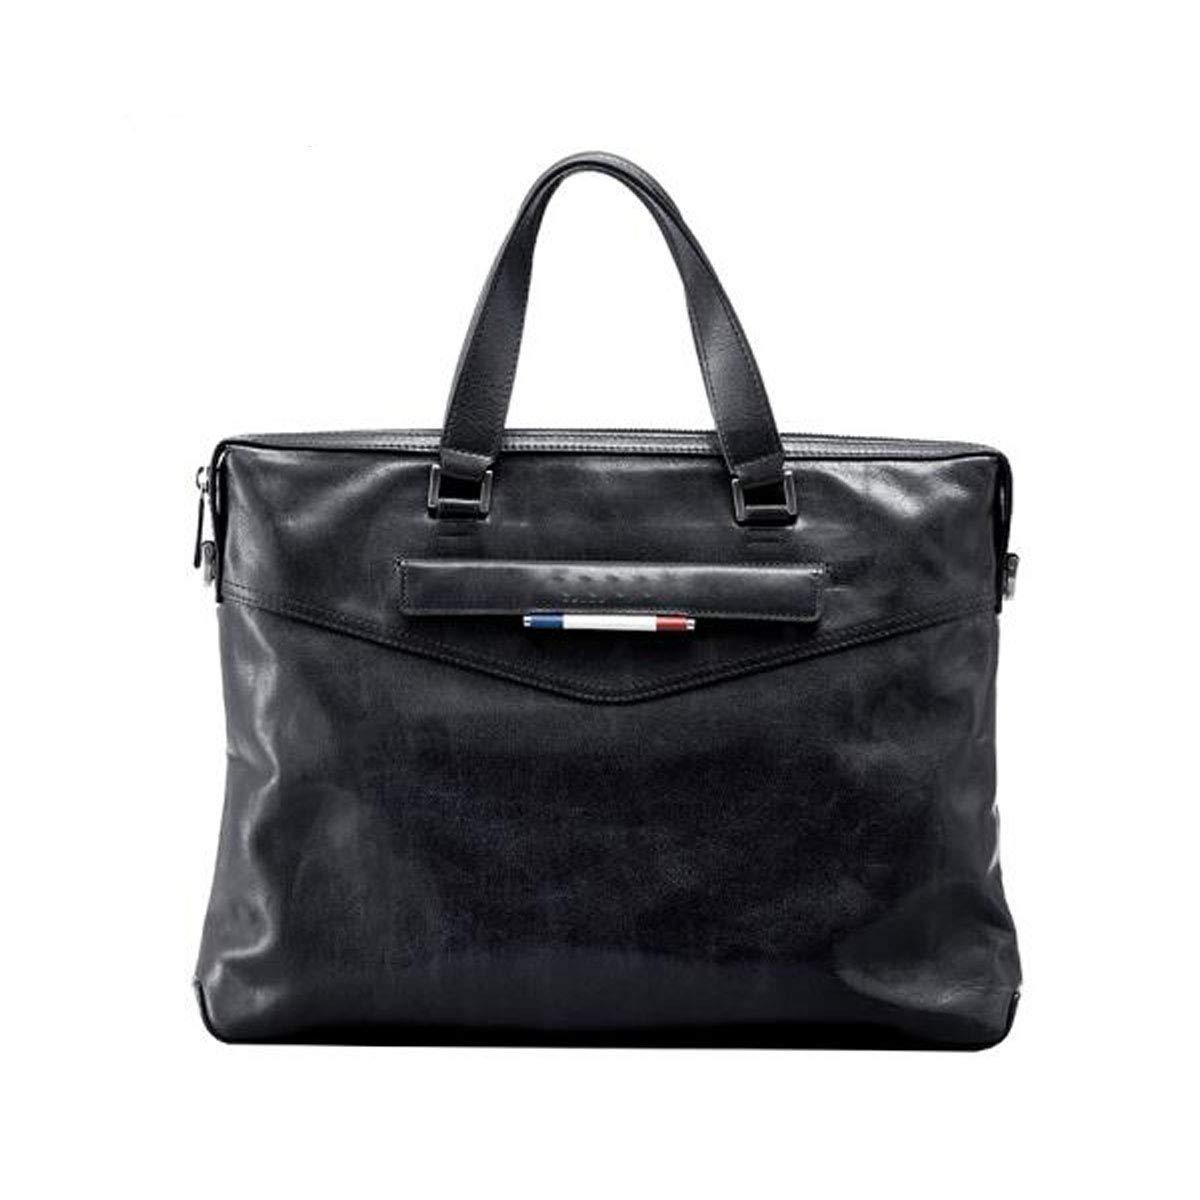 ブリーフケース、ビジネスカジュアルコンピュータバッグ、ファッションメンズハンドバッグ、ショルダーメッセンジャーバッグ、ダークブルーサイズ:37 * 6 * 28 cm B07RBKPH8N ダークブルー